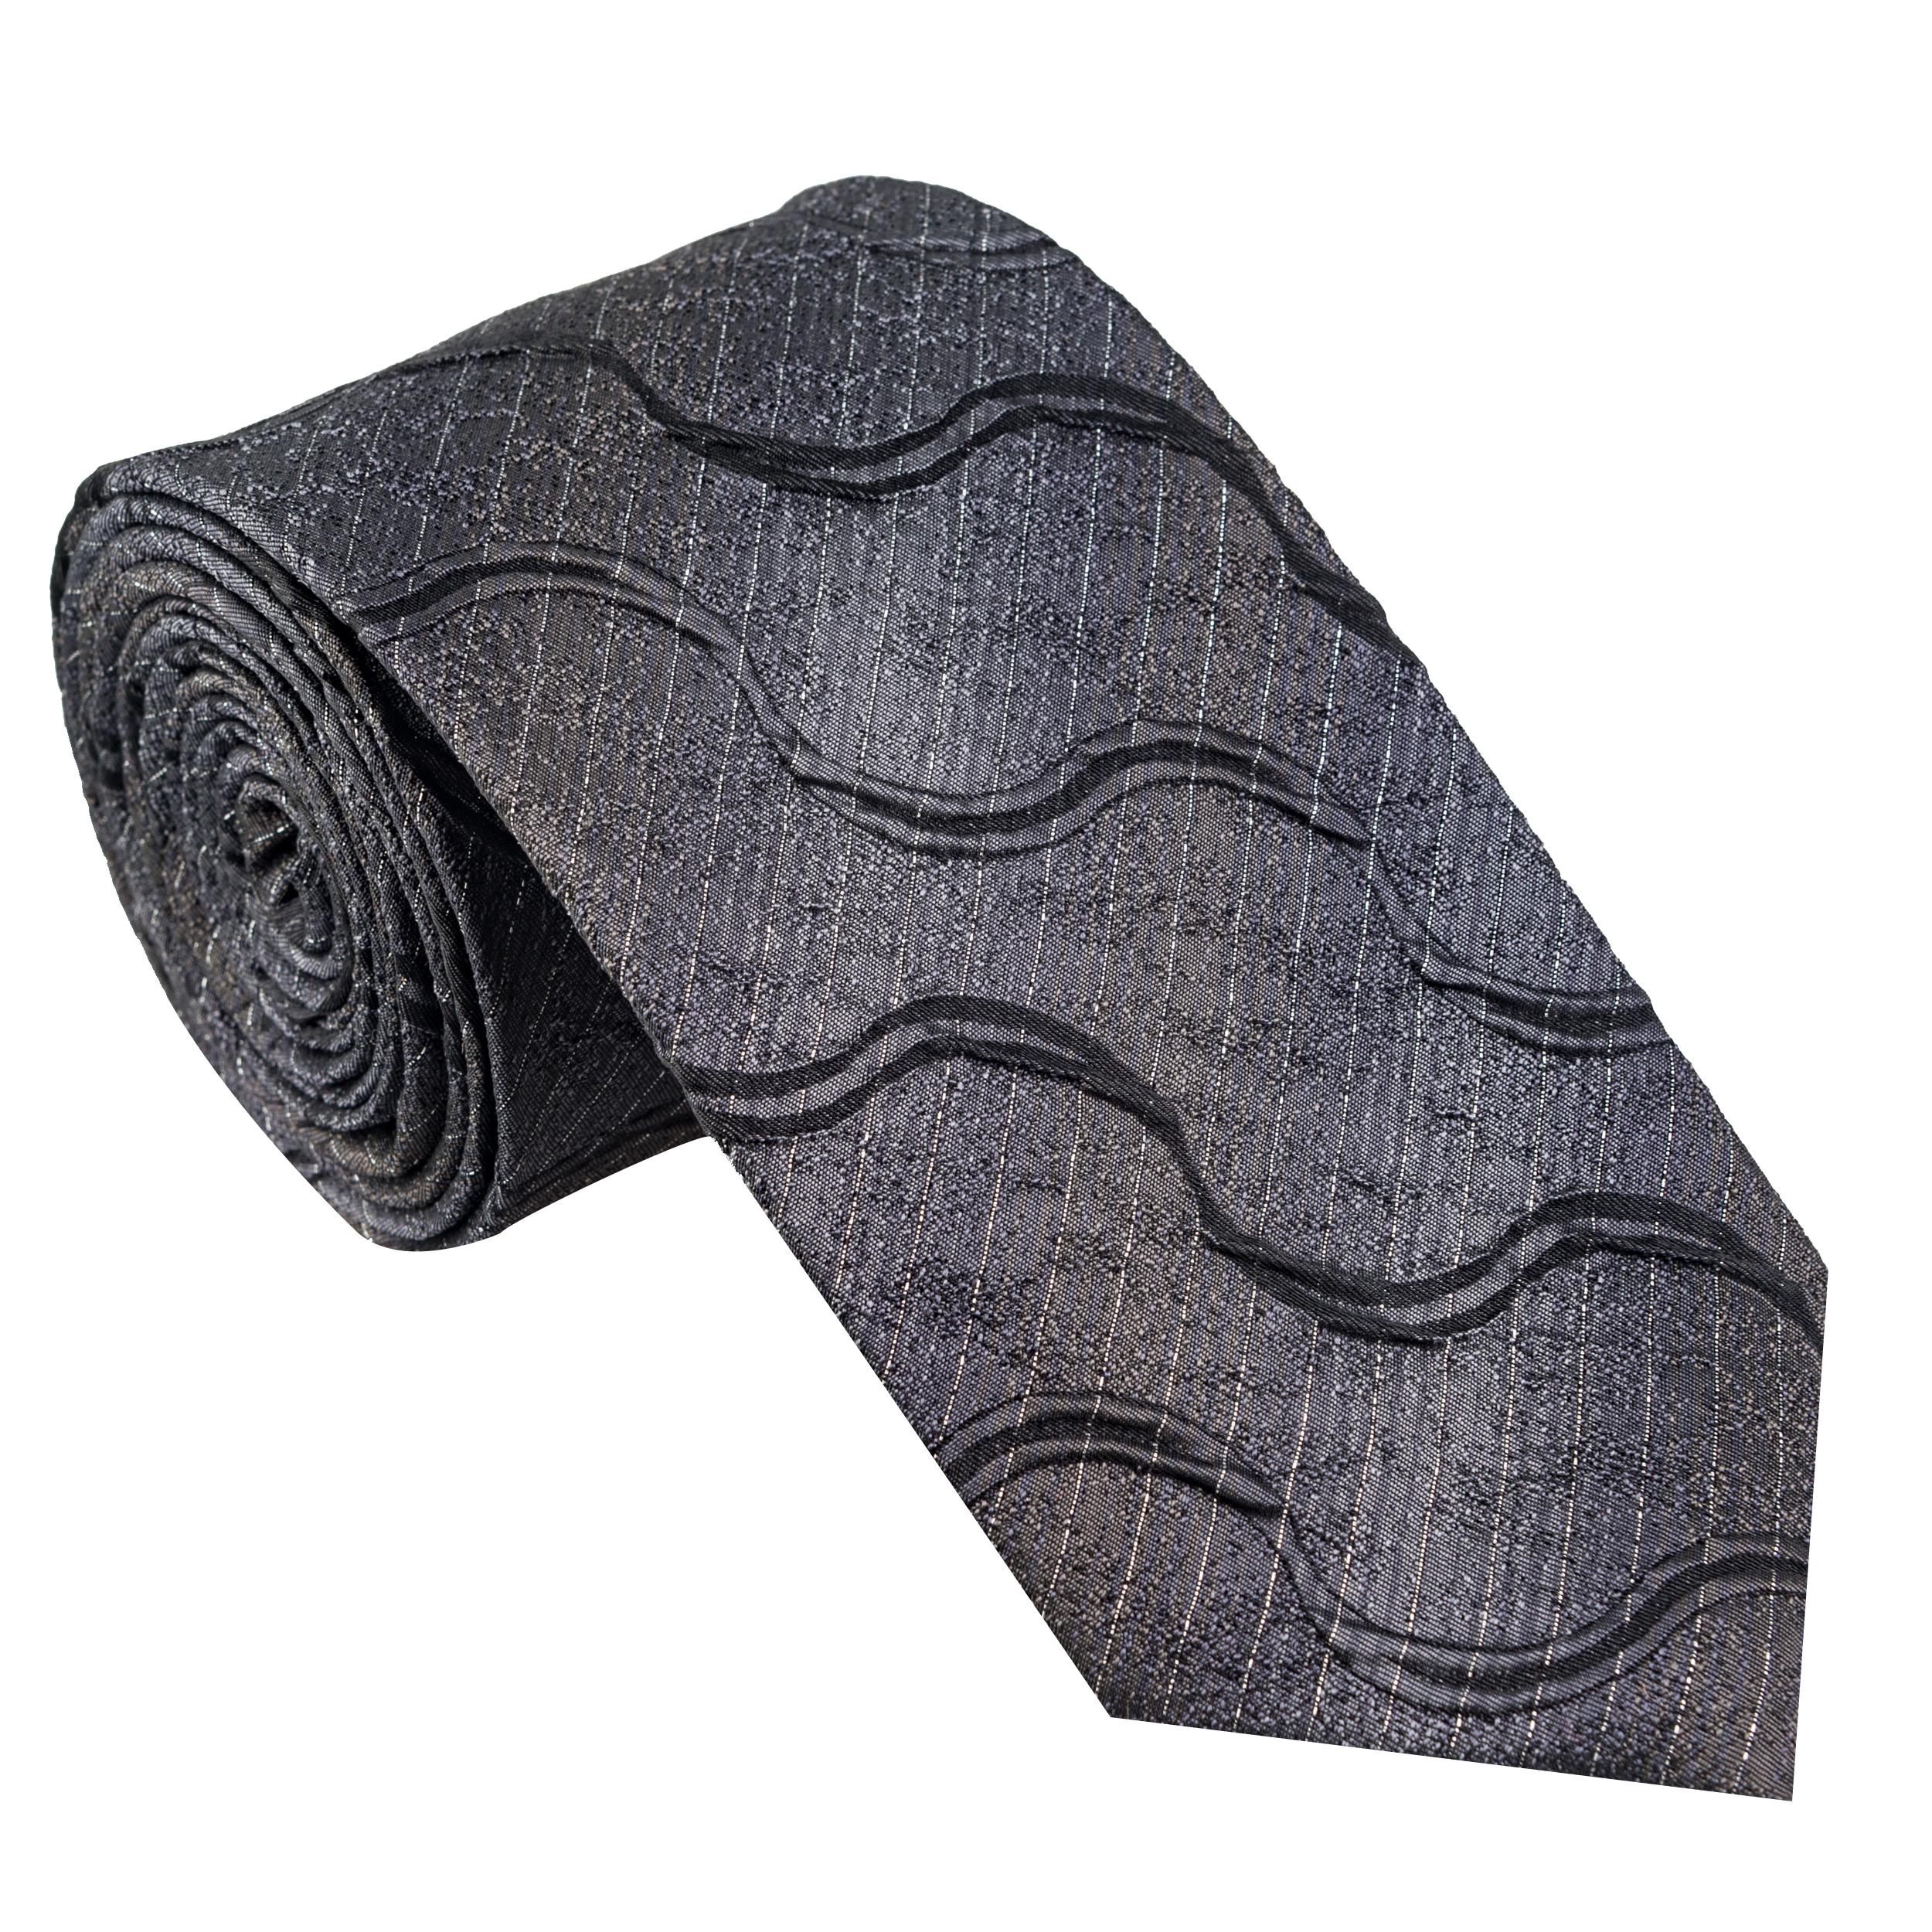 کراوات مردانه جیان فرانکو روسی مدل GF-ST512-GR